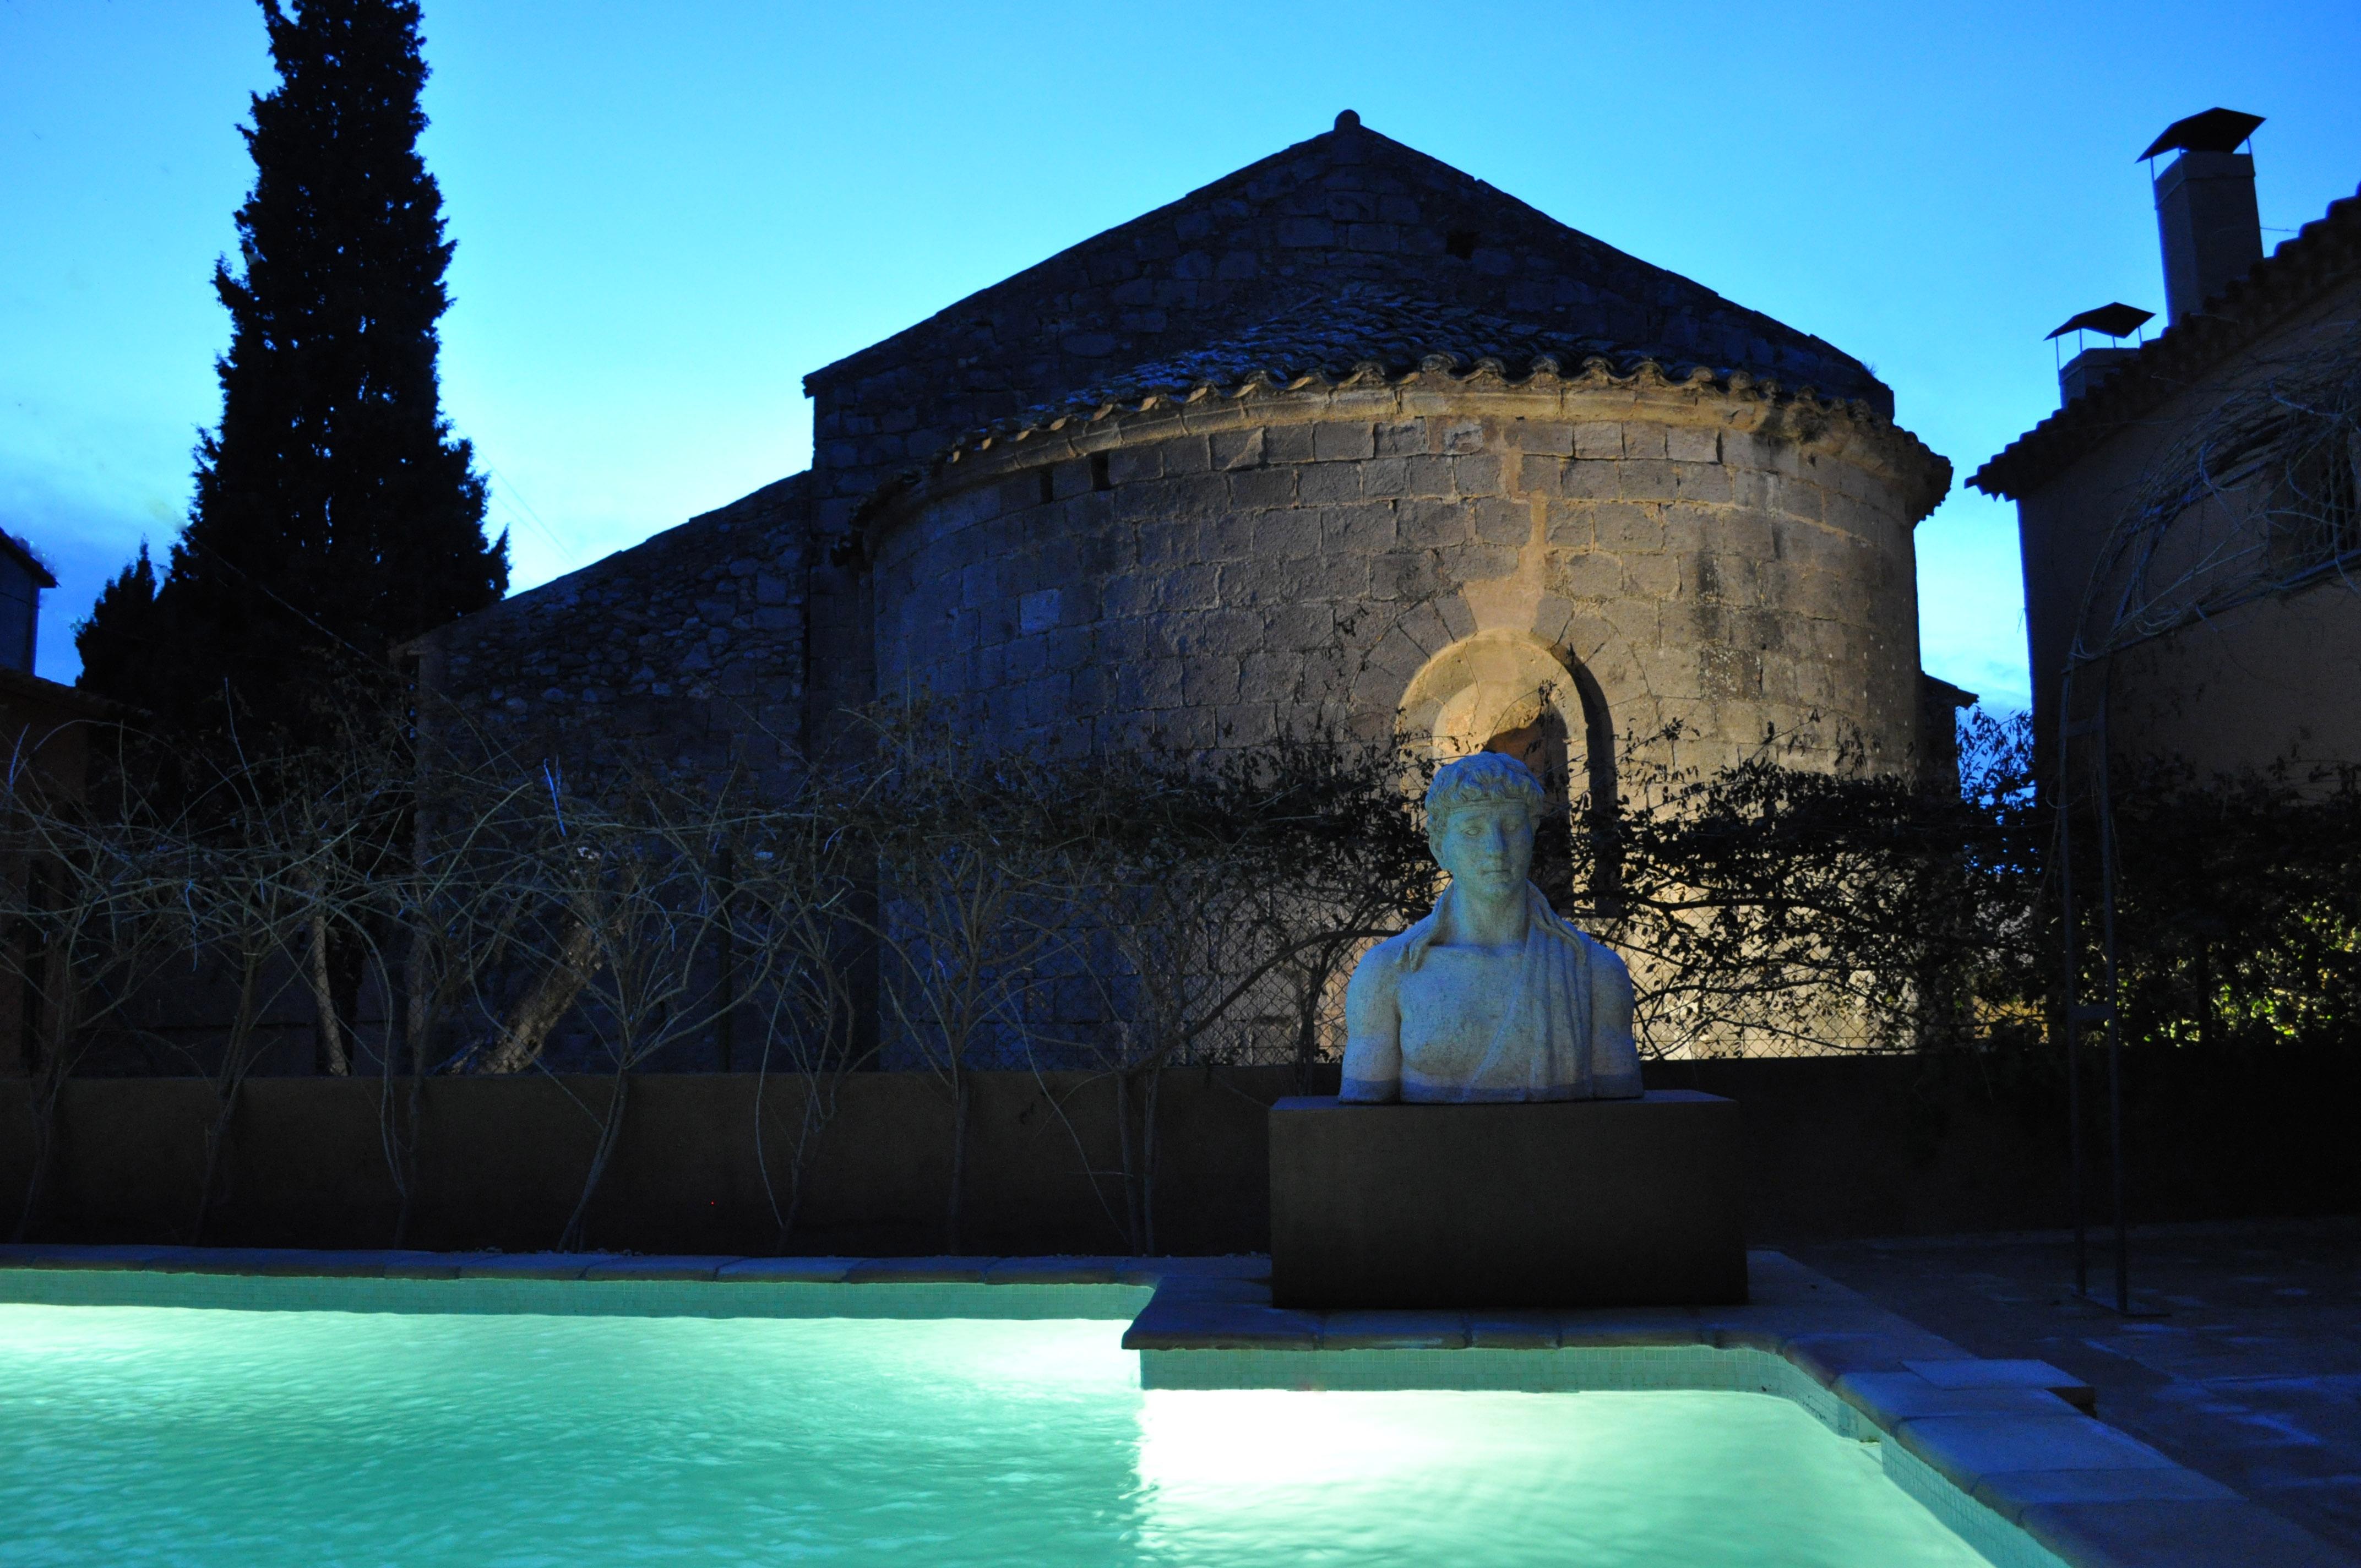 l'Hort de Sant Cebria